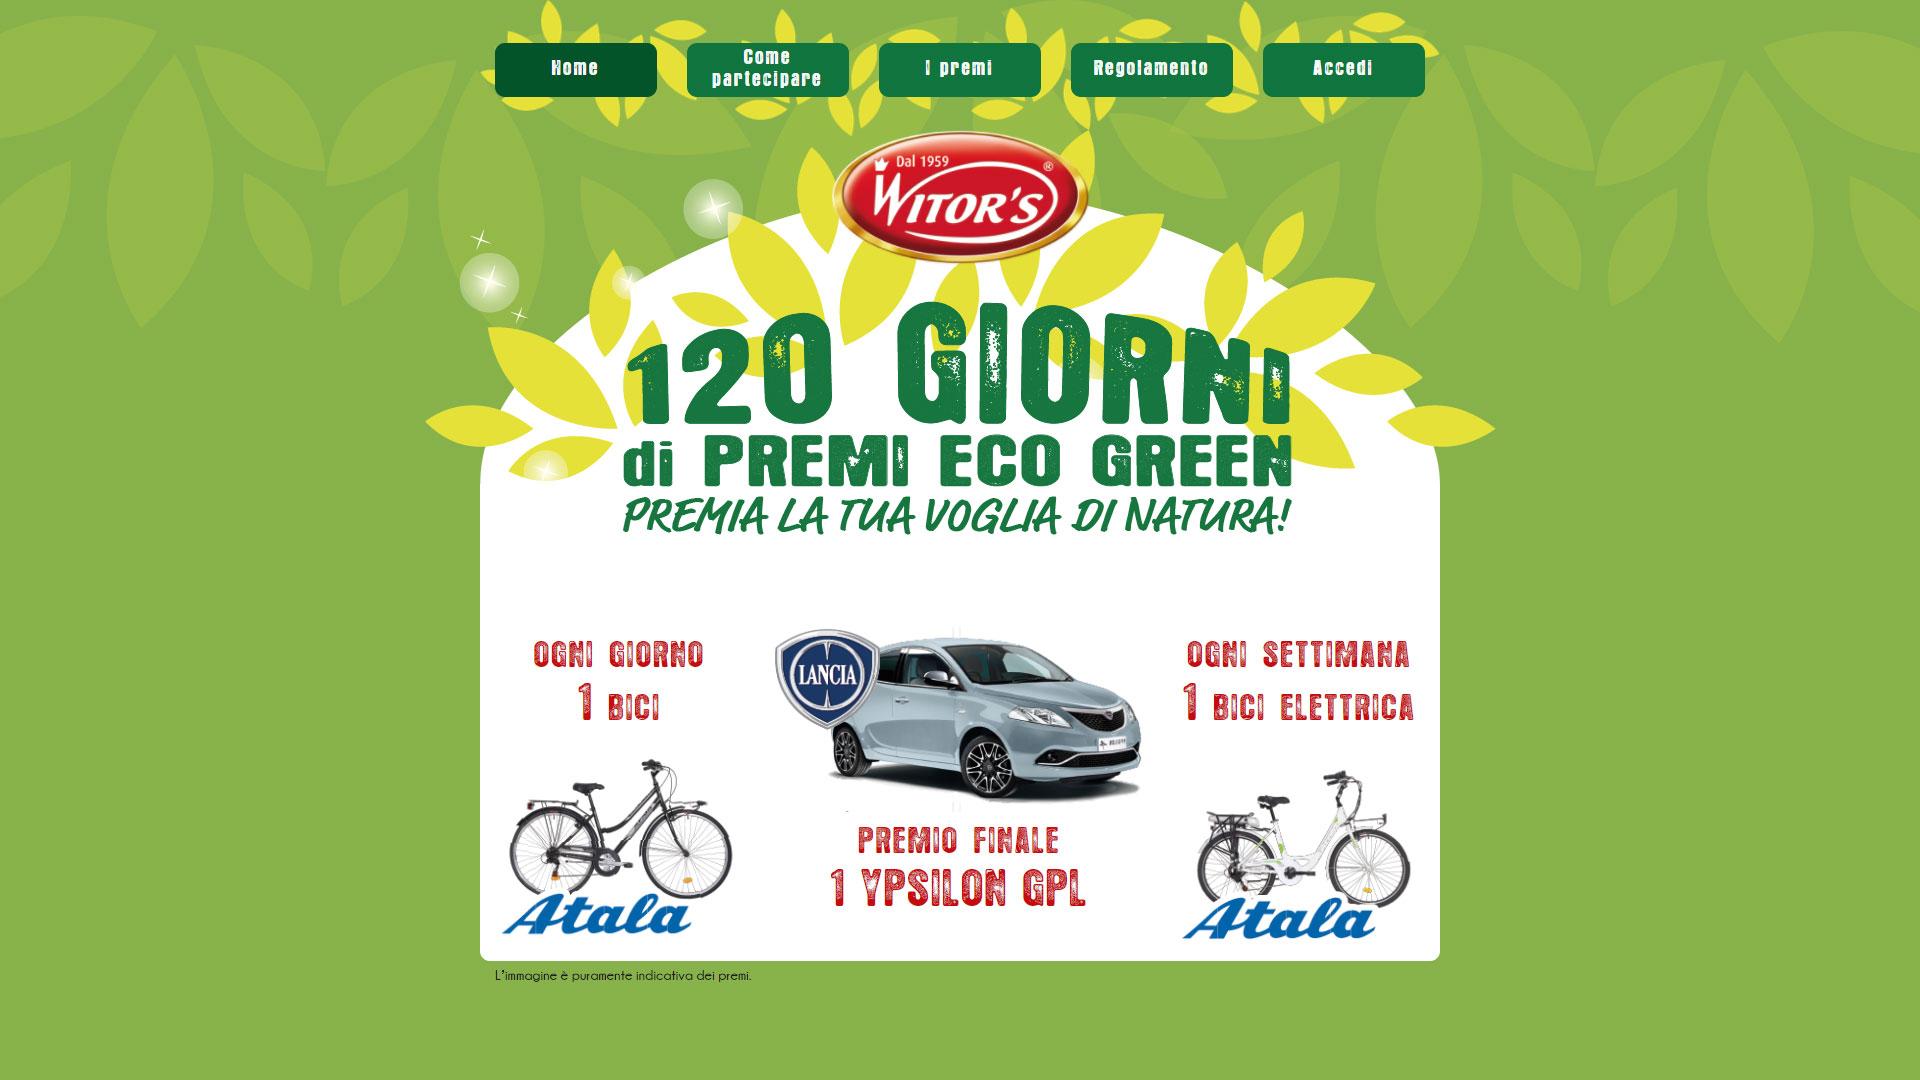 concorso a premi Witor's vinci auto in estrazione finale e biciclette in instant win